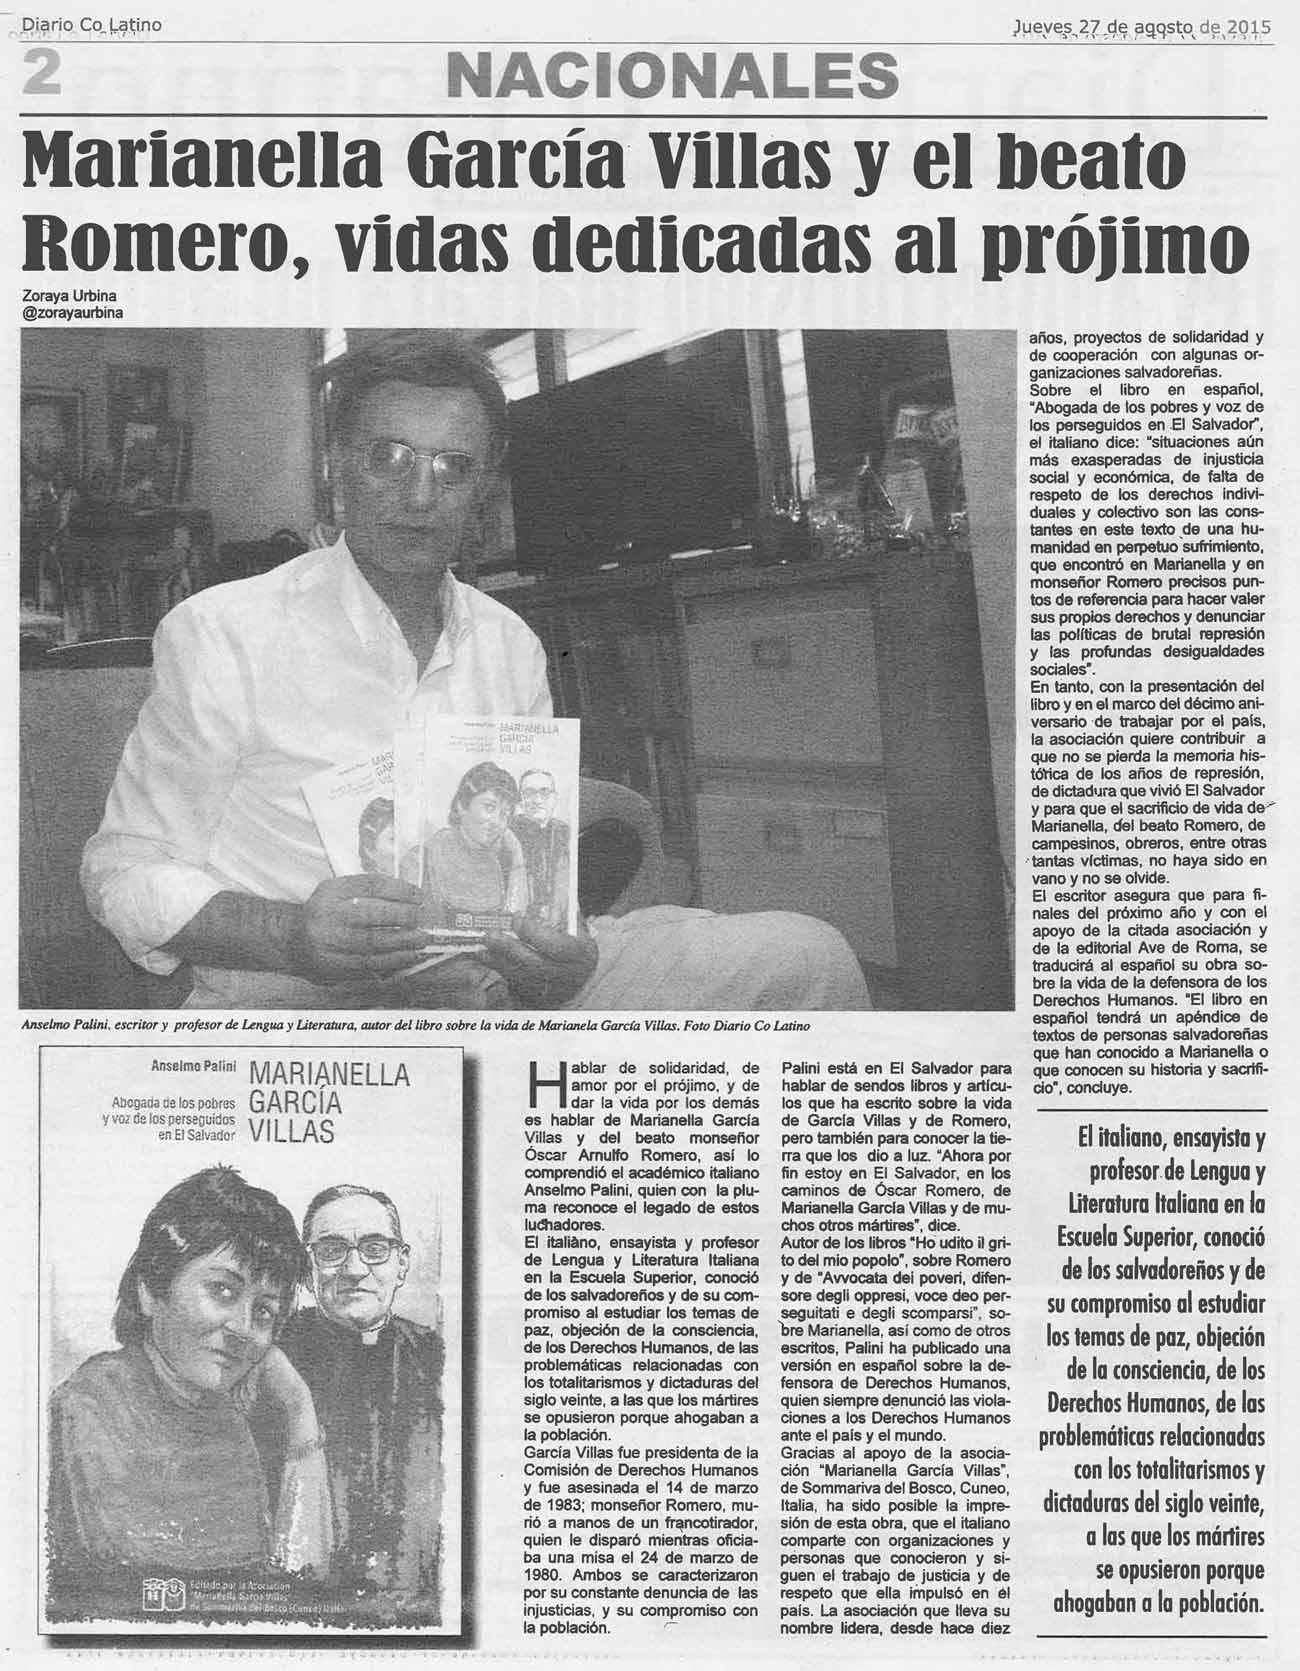 """""""Diario Co Latino"""", quotidiano di San Salvador, 27 agosto 2015, pag. 2"""